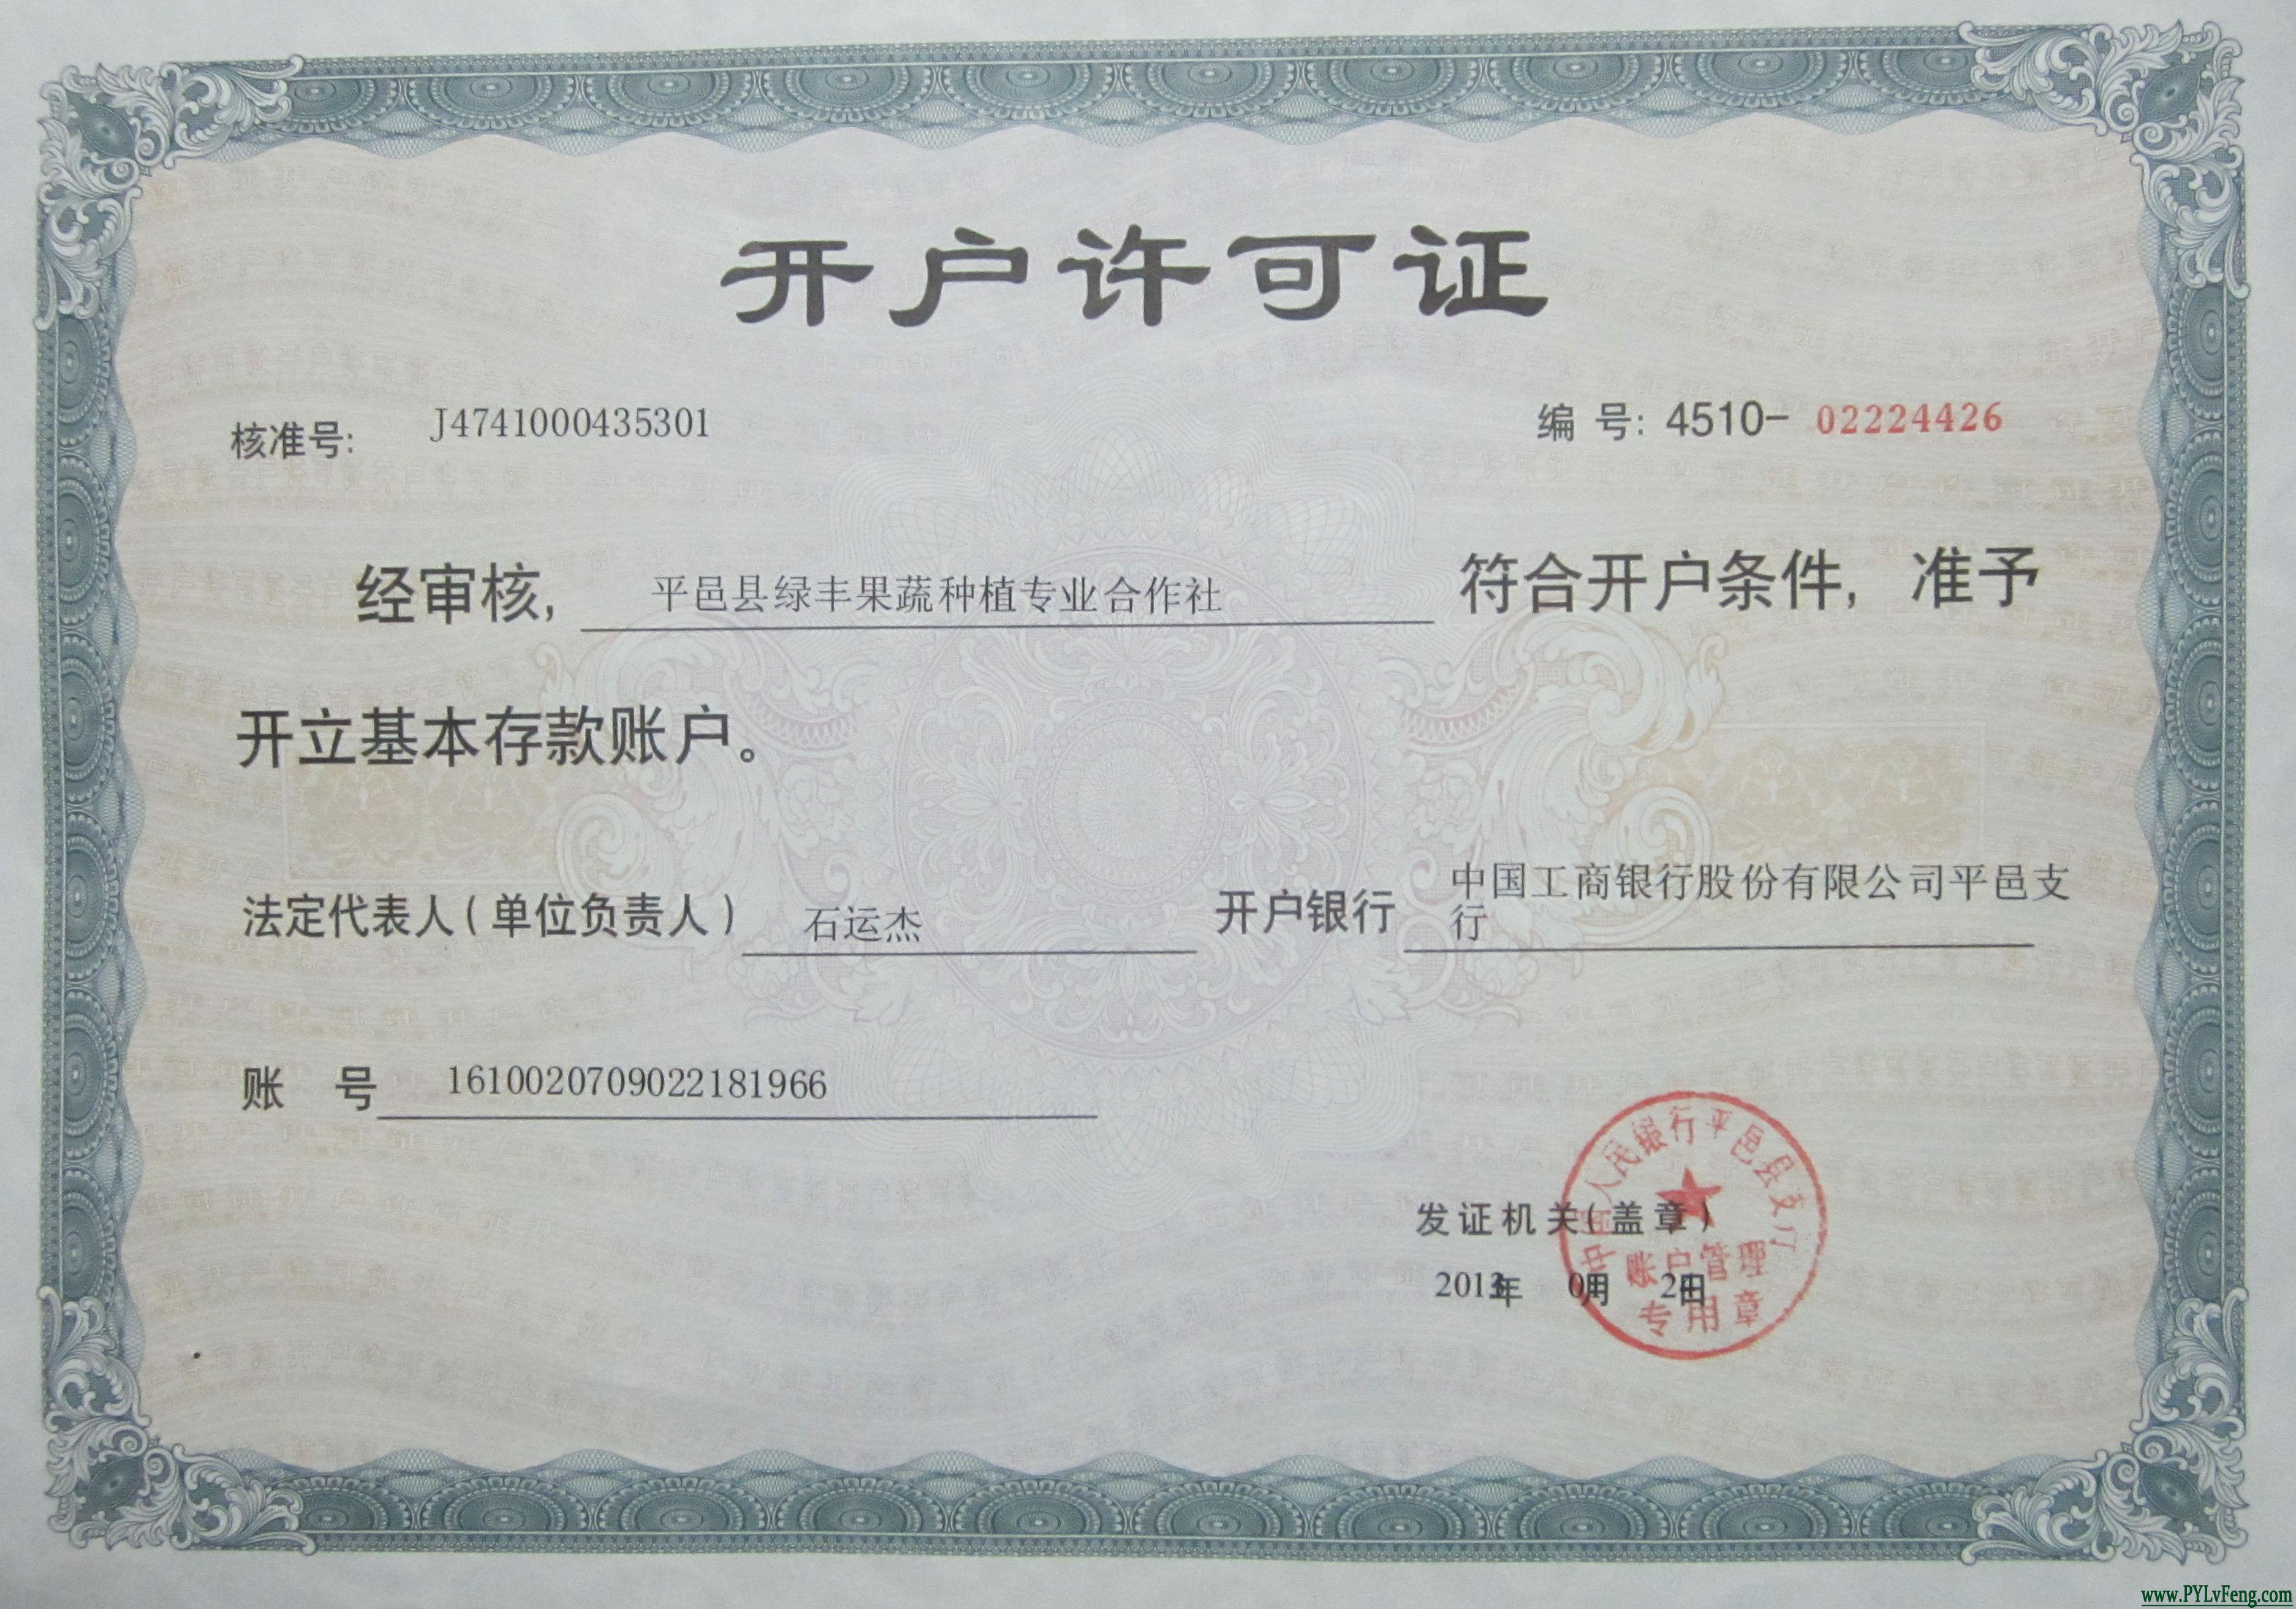 绿丰合作社荣誉证书